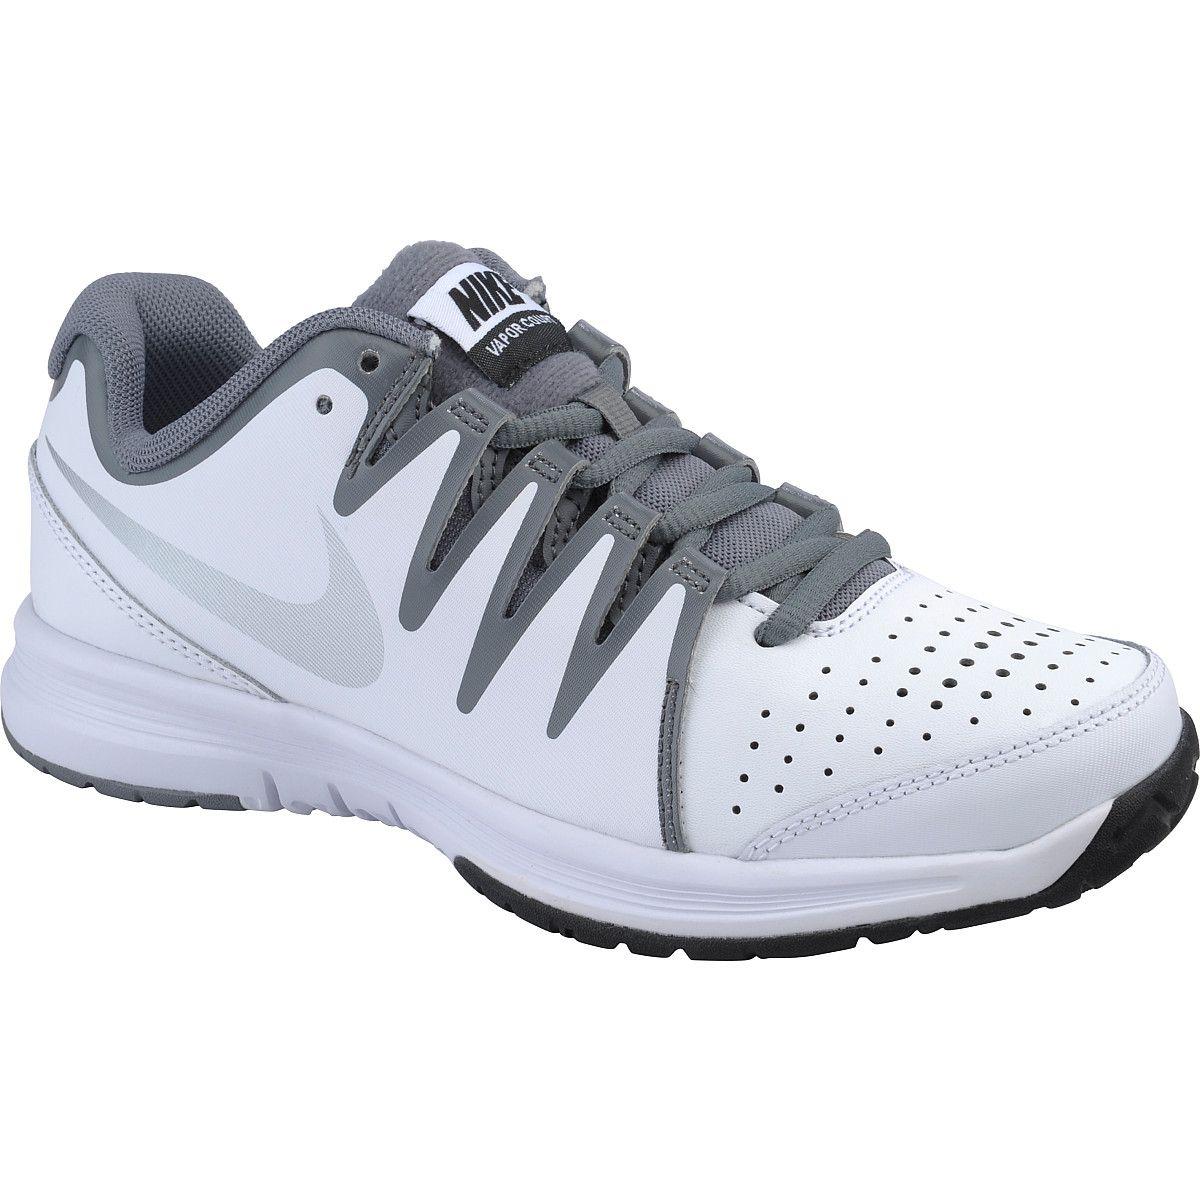 Nike Women's Vapor Court Tennis Shoes Tennis shoes, Nike